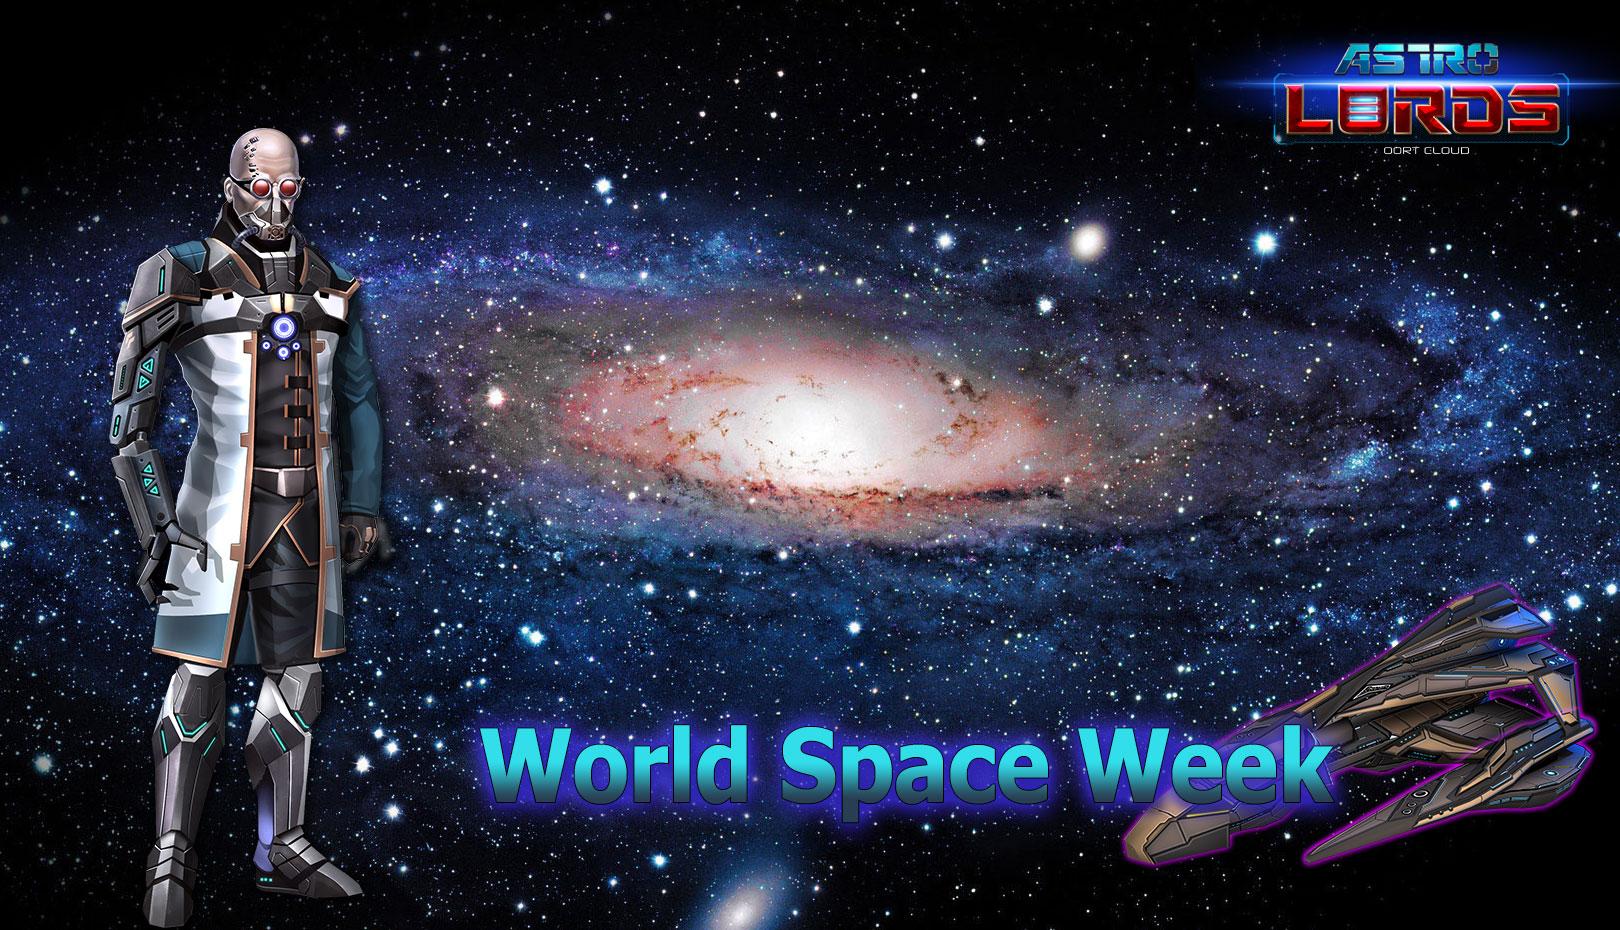 лорды астролорды игры новости космос неделя всемирная space week game astrolords mmo online rst indie unity bonus event